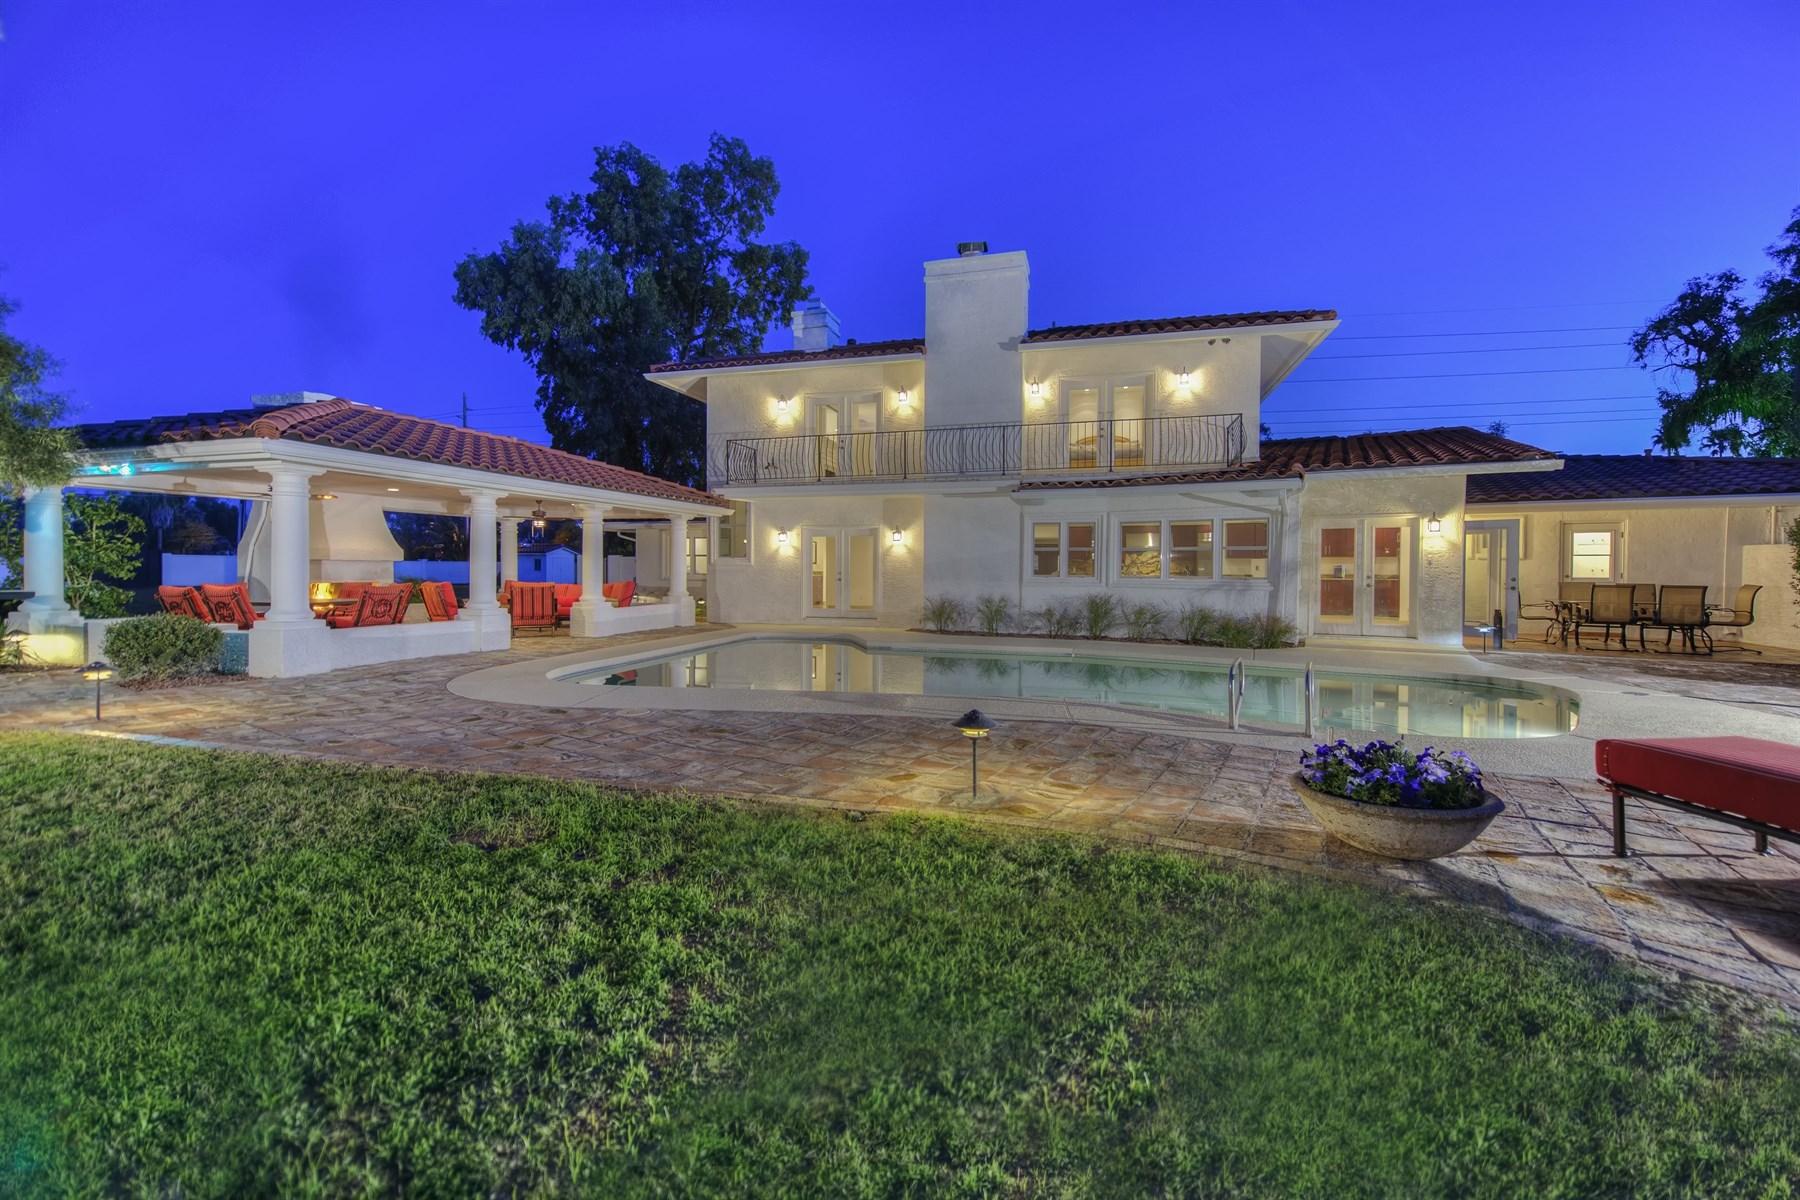 一戸建て のために 売買 アット Luxurious Resort Style Living In The Heart Of Scottsdale 10601 N Montrose Way Scottsdale, アリゾナ 85254 アメリカ合衆国